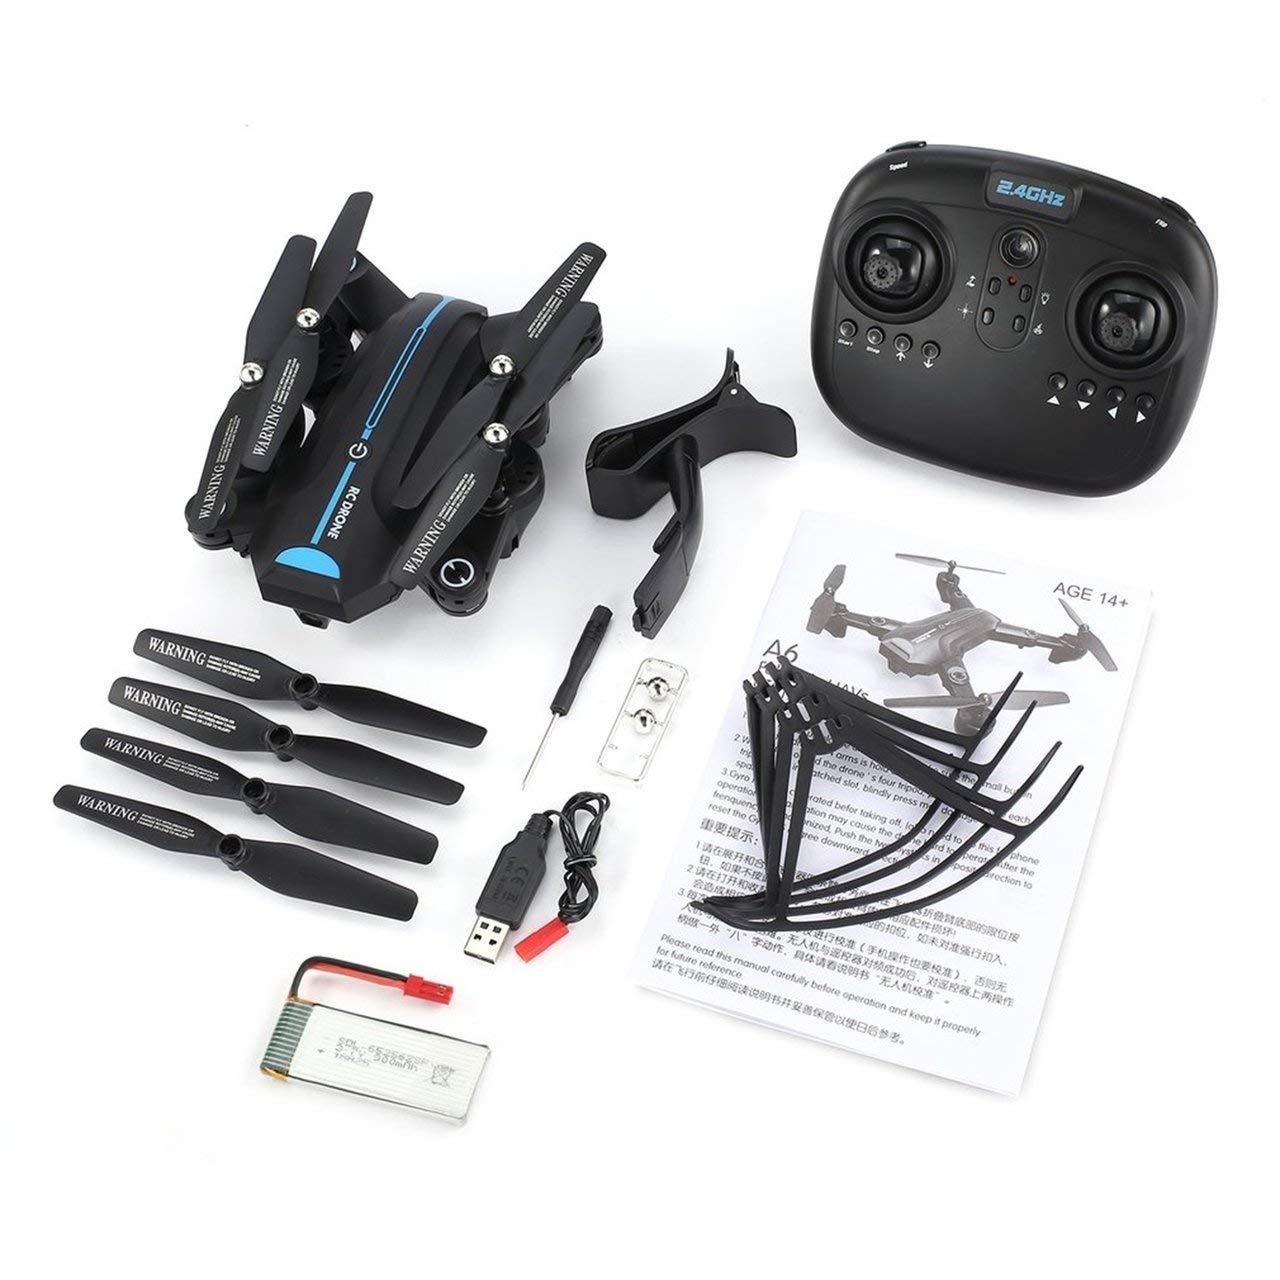 Jasnyfall A6W RC Drone Wi-Fi FPV 720P Weitwinkel-HD-Kamera Altitude Hold RTF Quadcopter schwarz